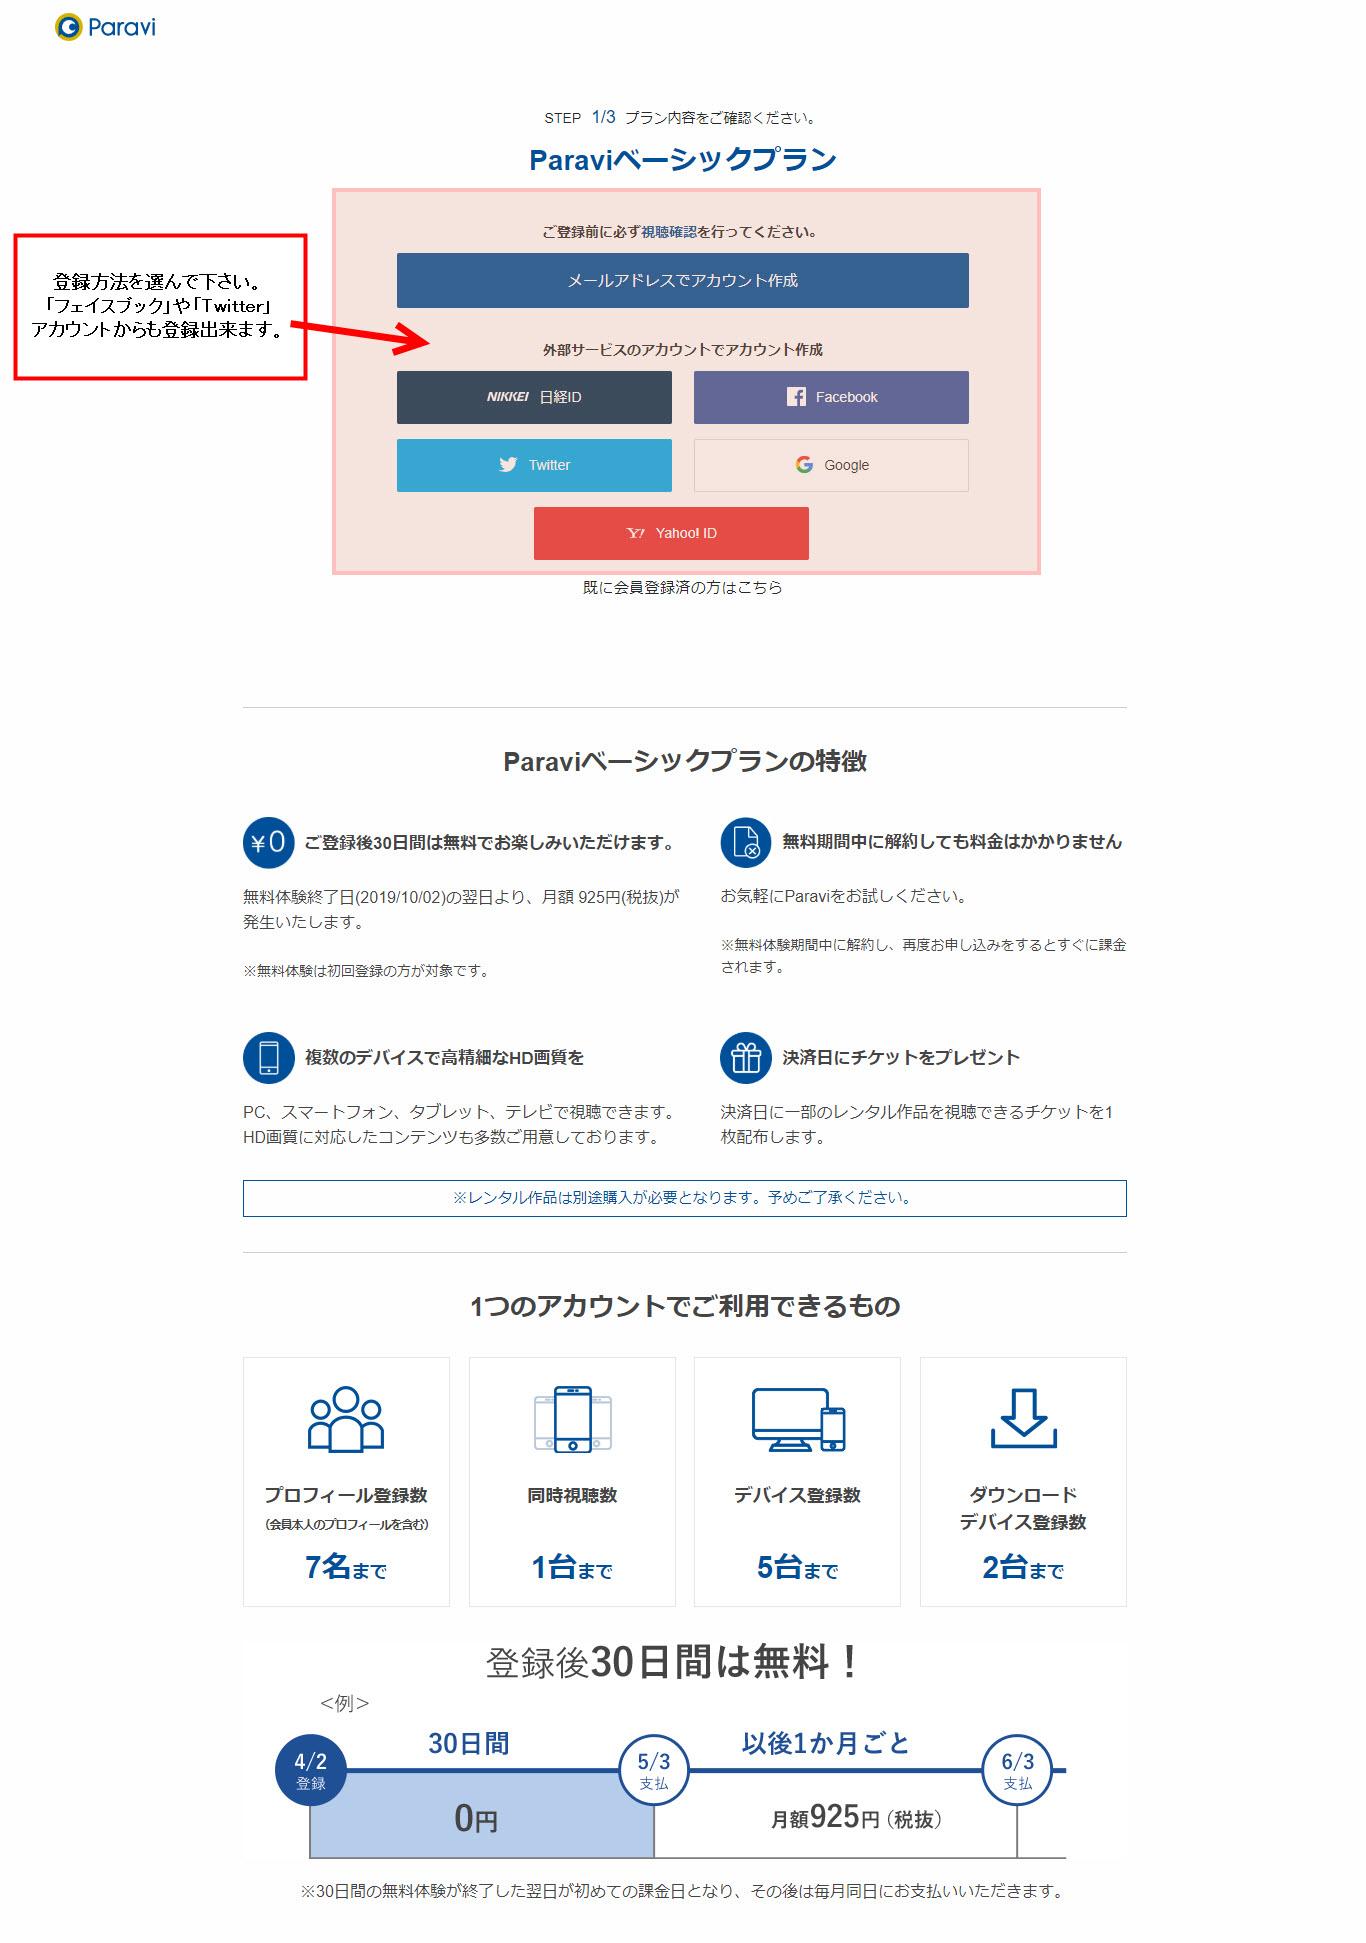 パラビ paravi parebi 無料体験 無料期間 登録 入会 加入 解約方法 申し込み ダウンロード方法 オフライン再生 登録 アカウント